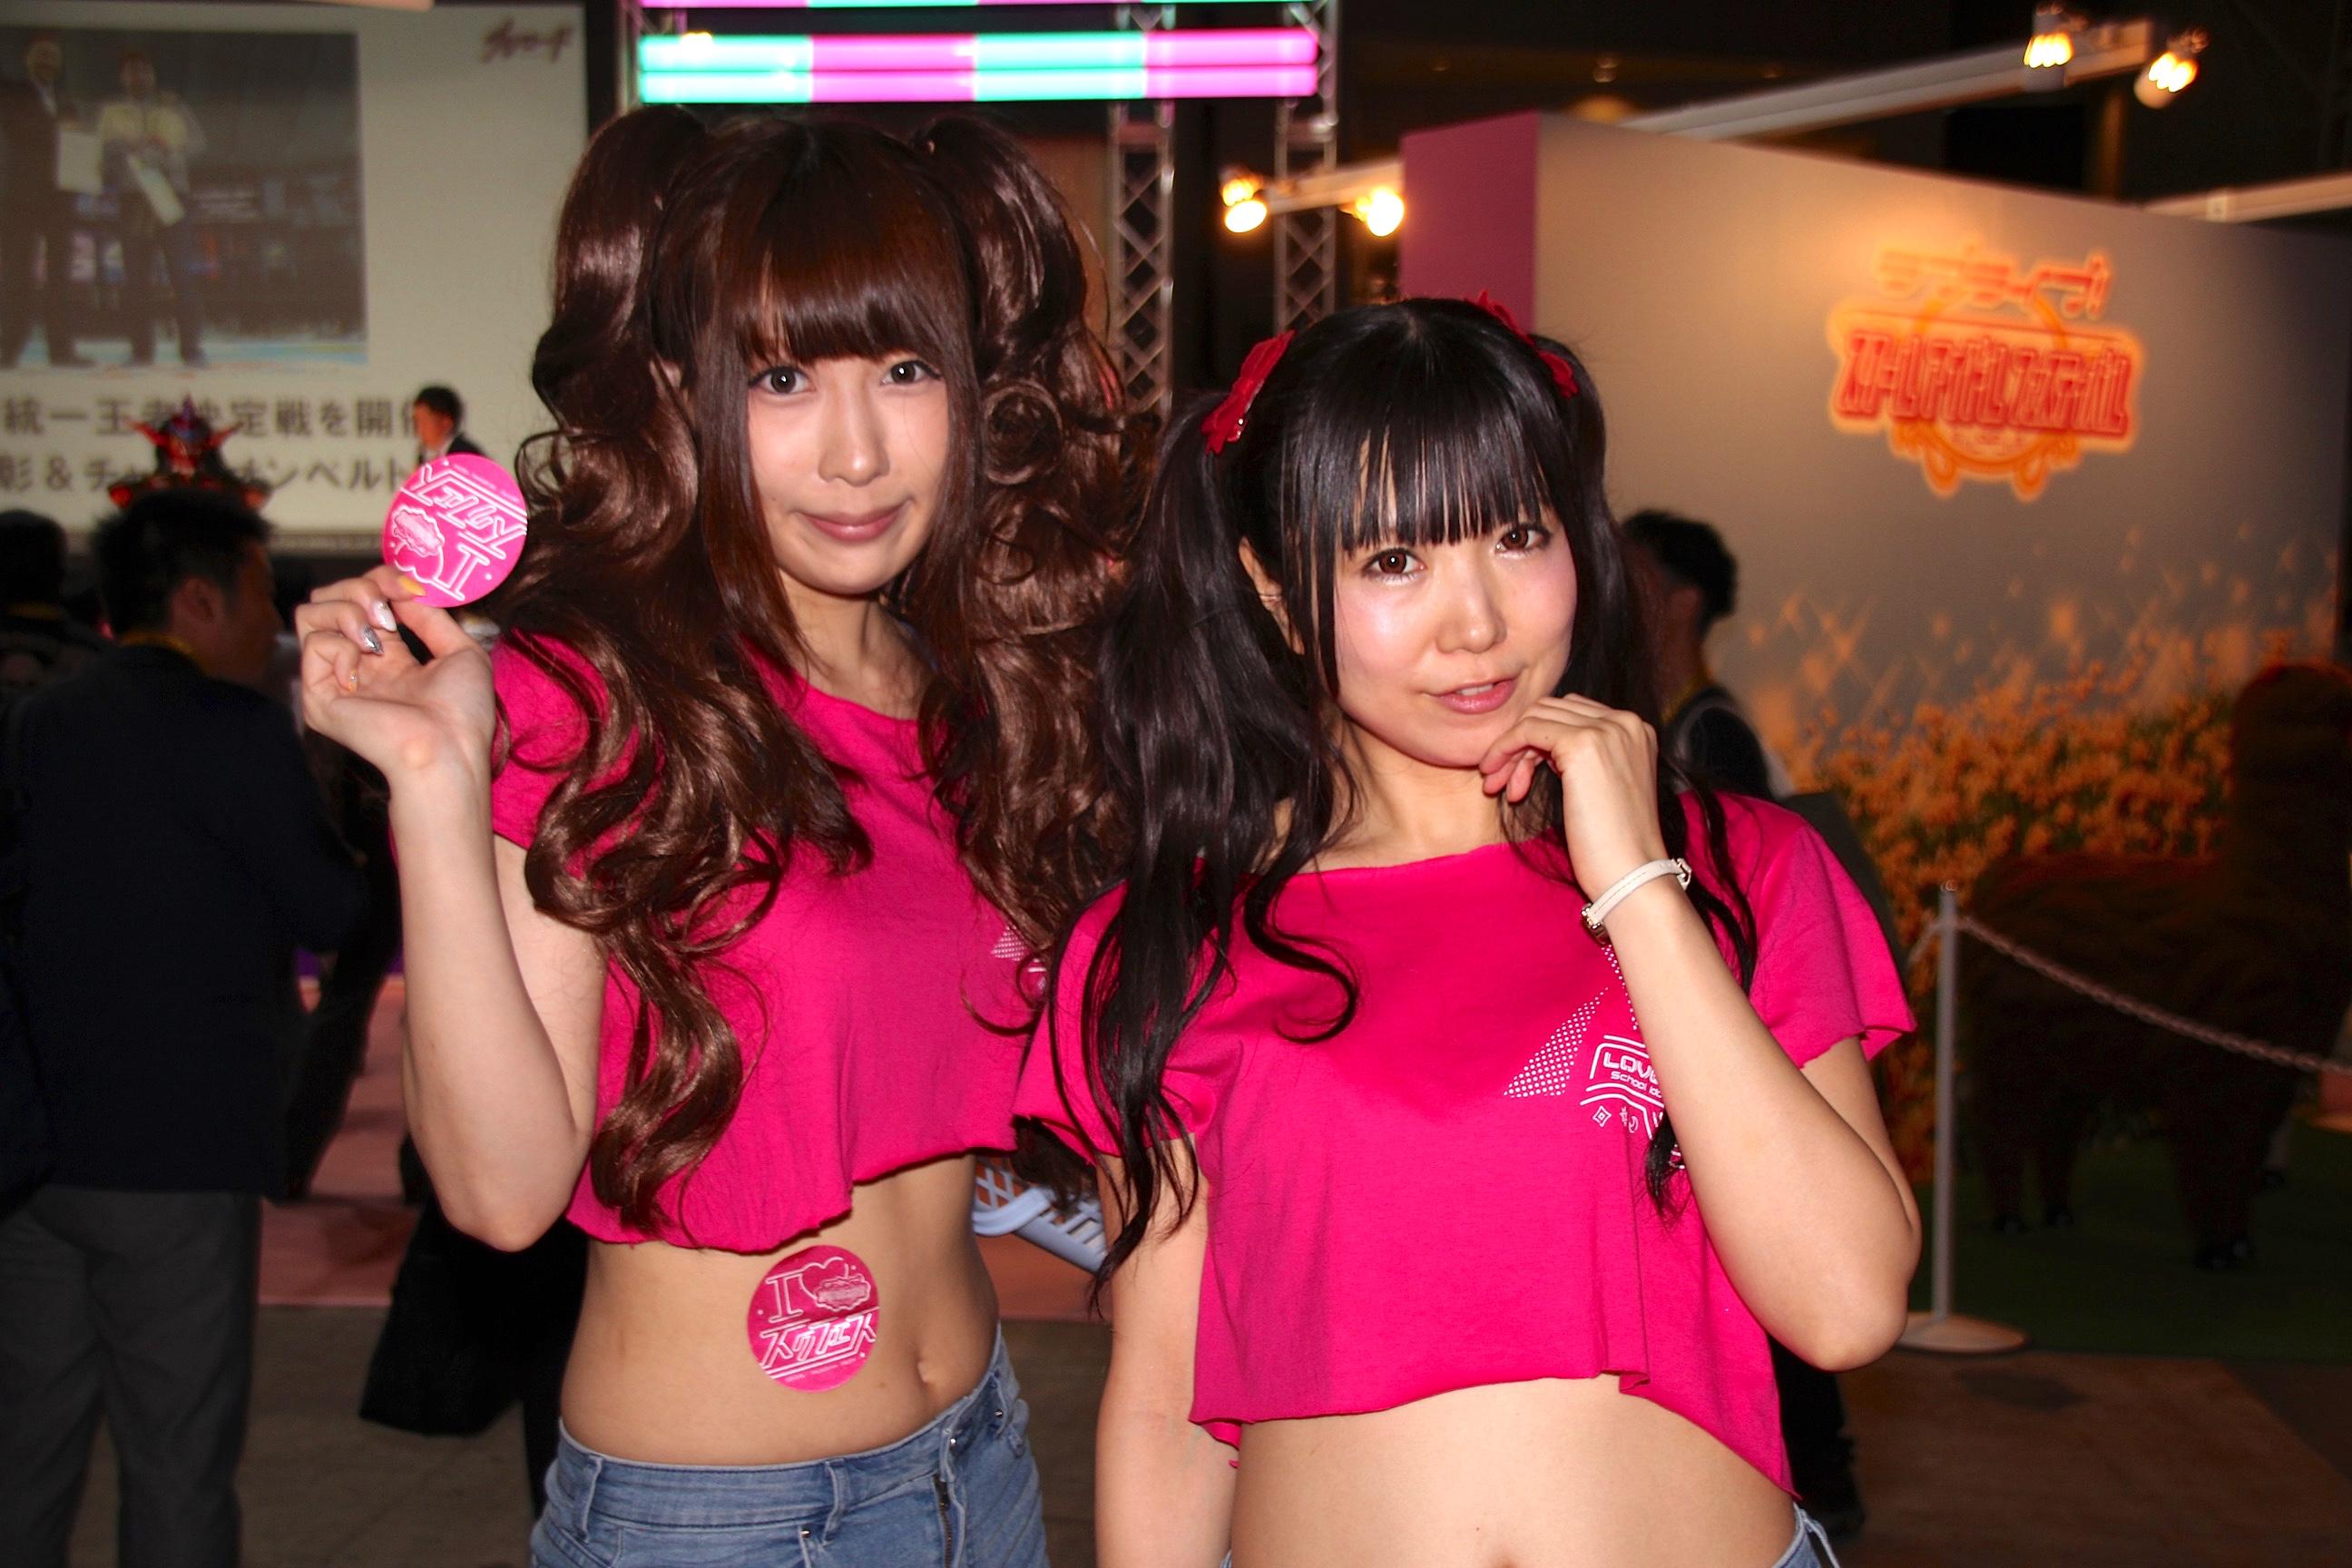 東京ゲームショウ2015 コンパニオンさん写真まとめ(ブシロード) #TGS2015